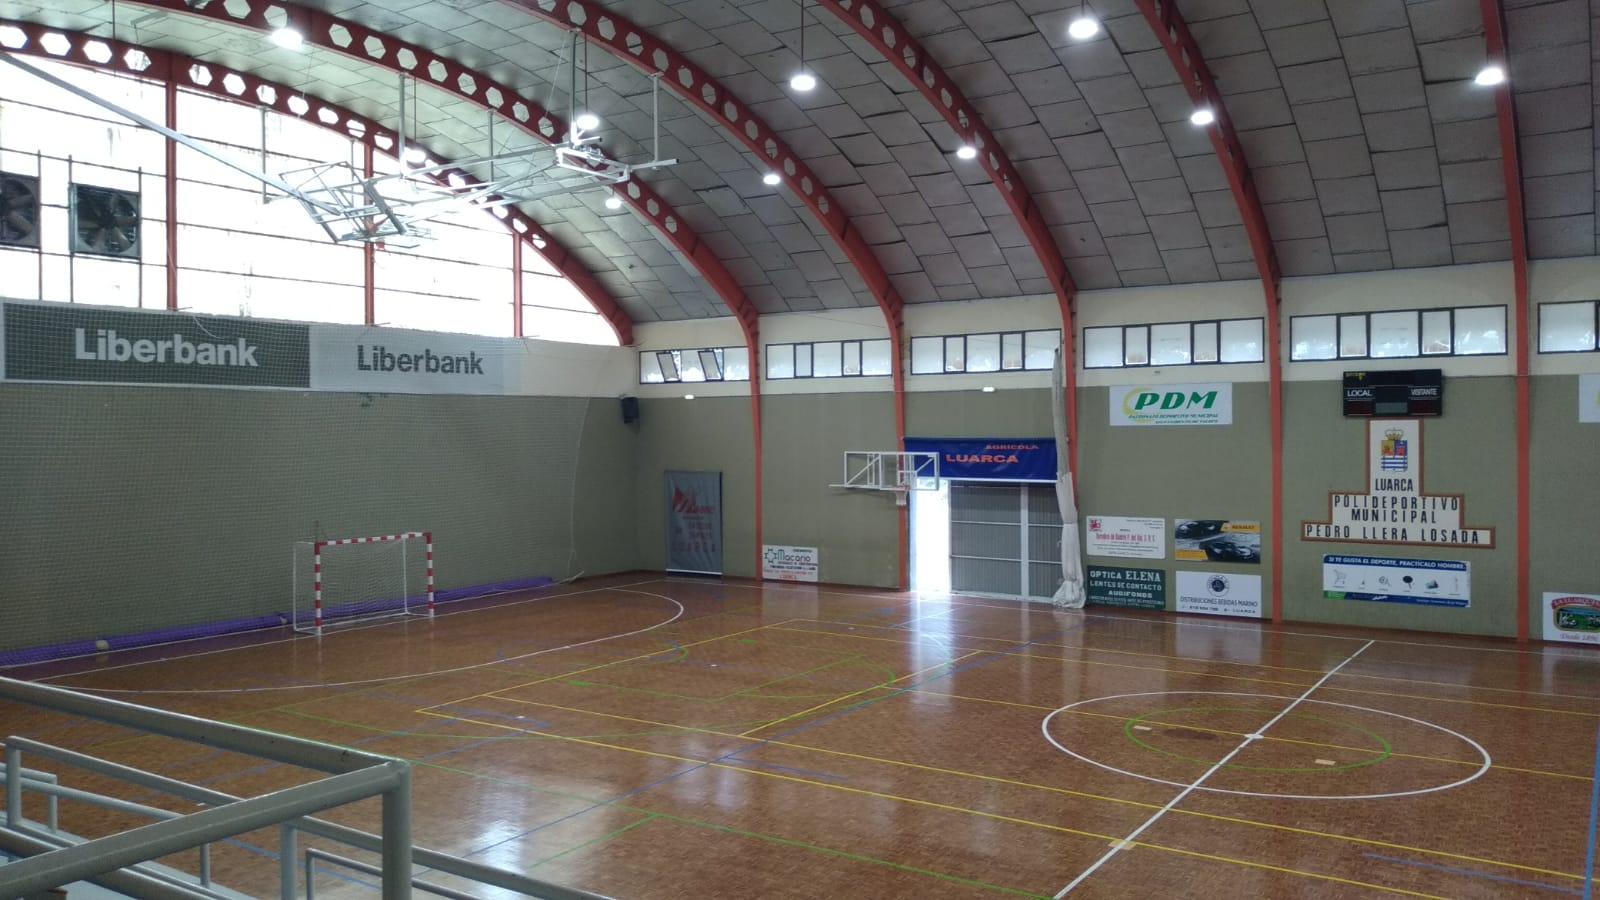 El Ayuntamiento del Valdés reabre al público el Polideportivo Pedro Llera en horarios de 10 a 13 horas y de 16 a 20:30 horas